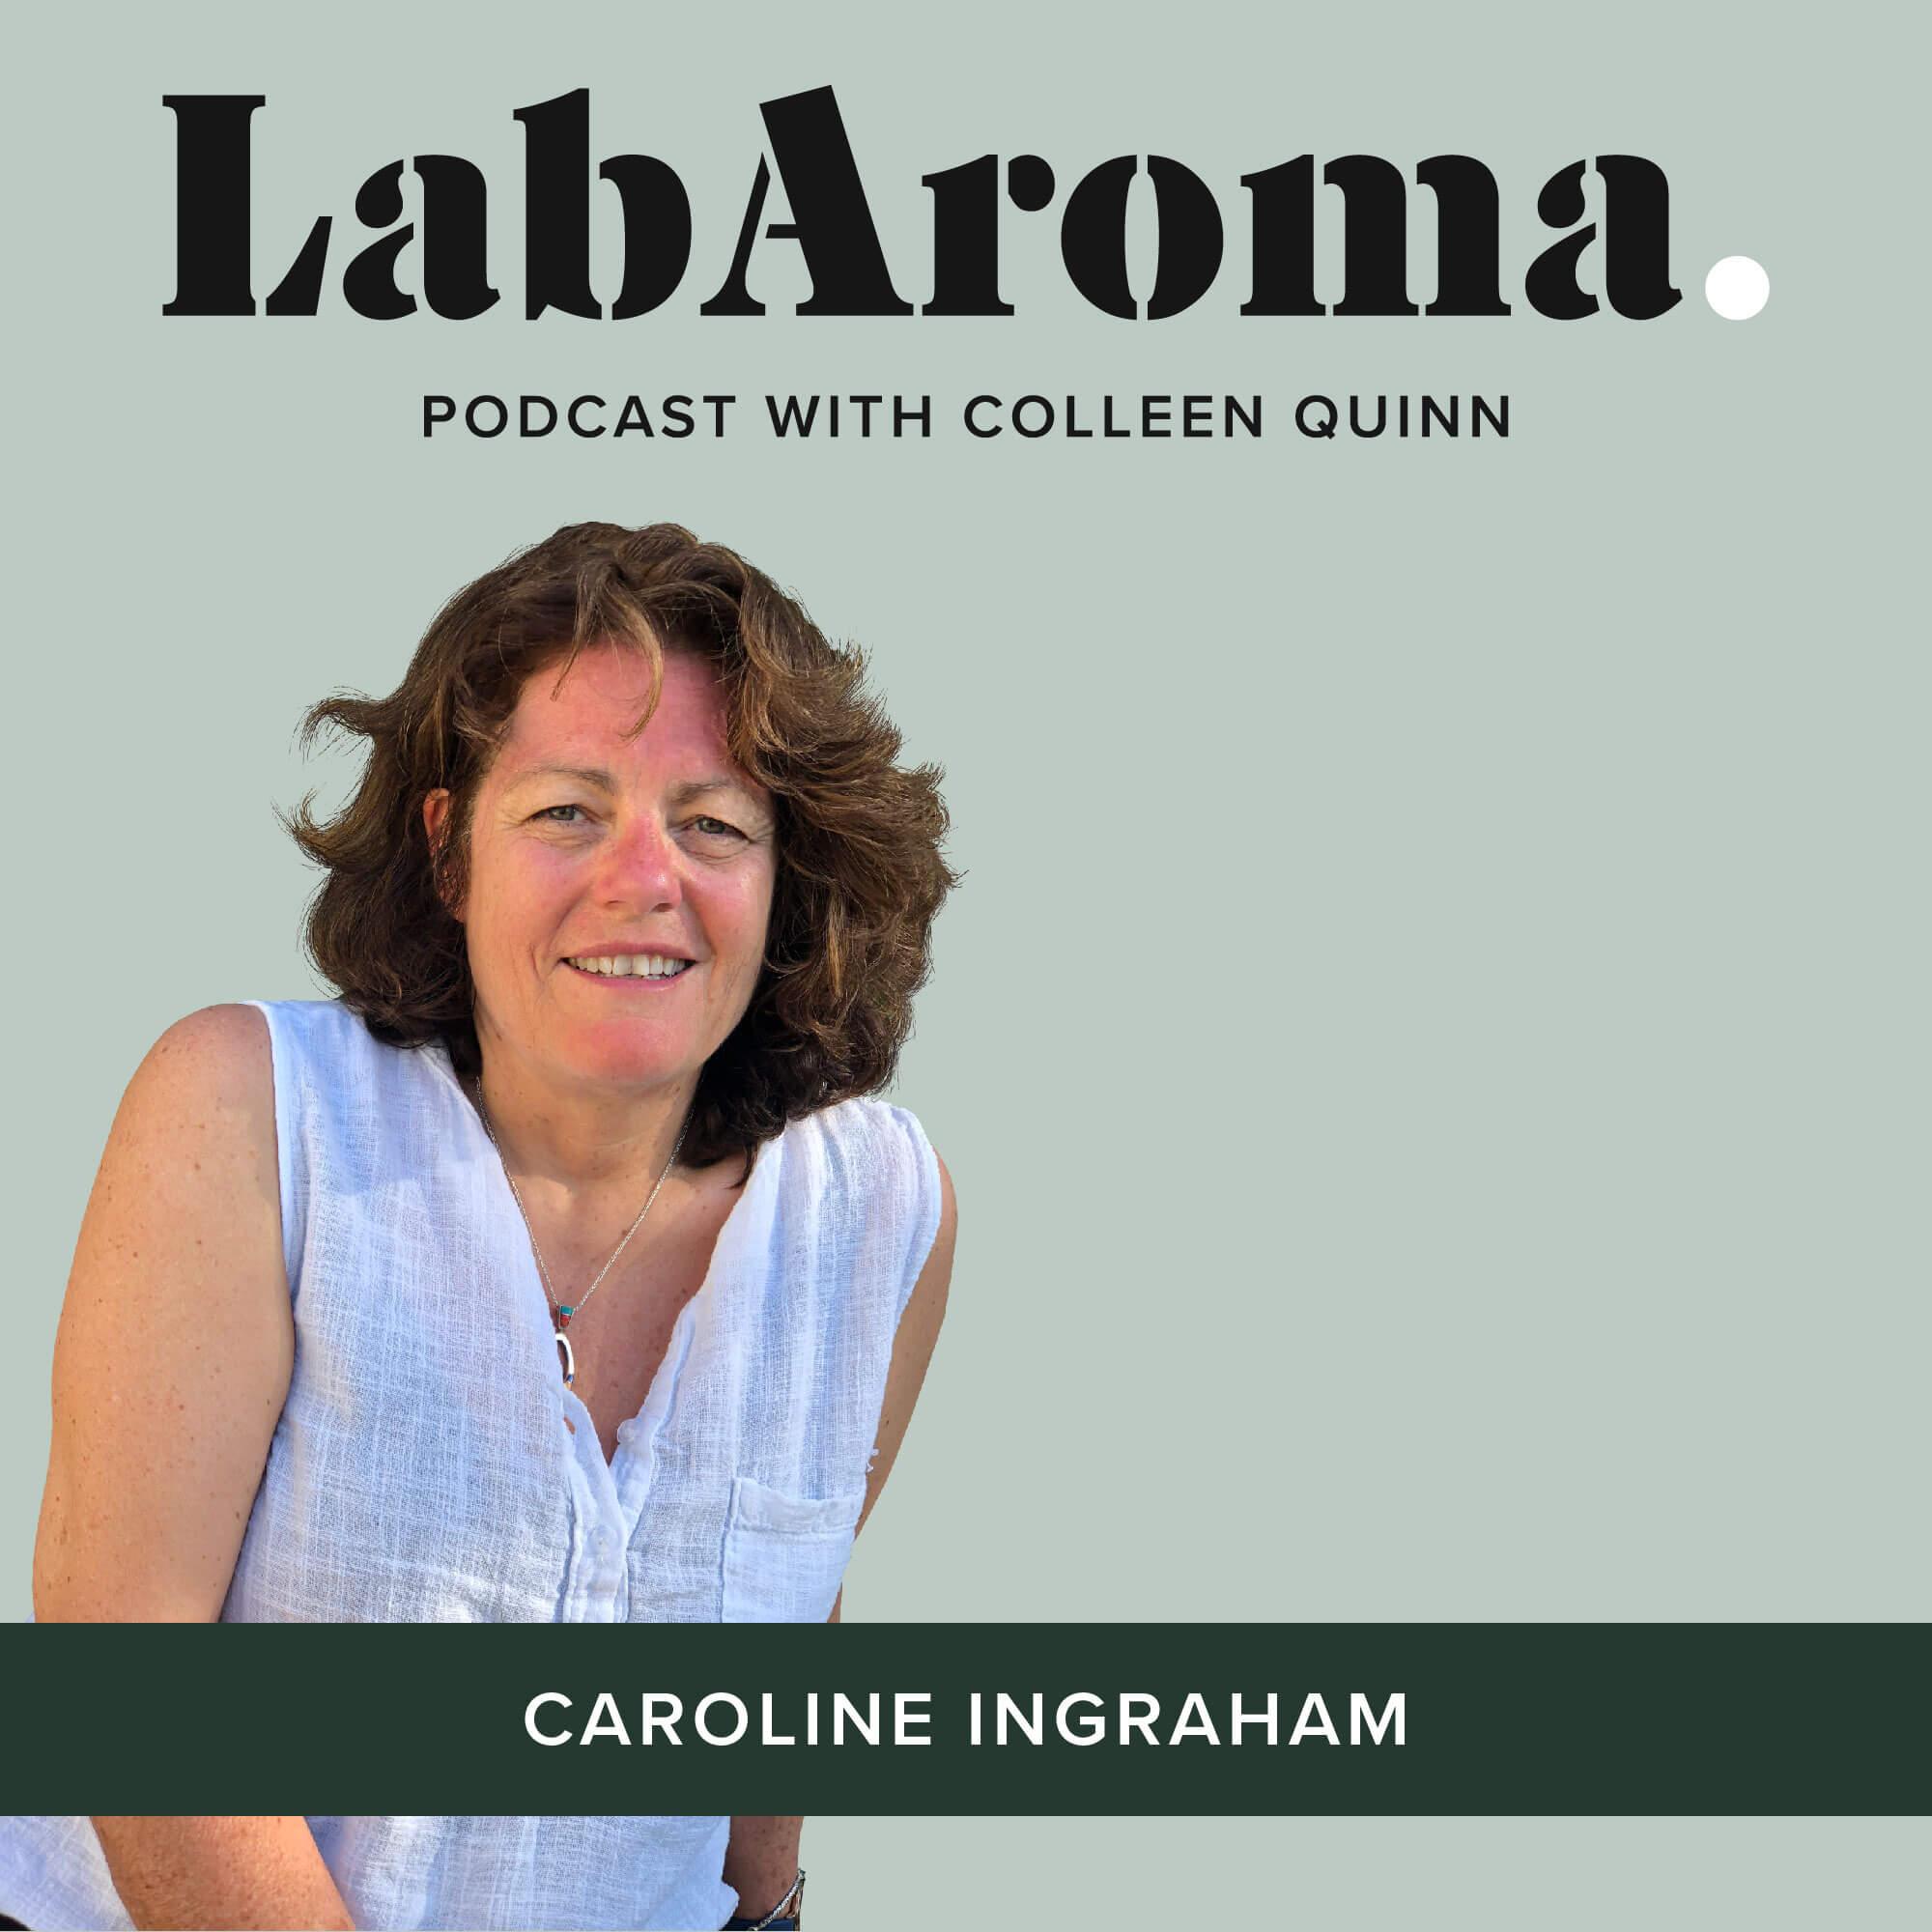 Caroline Ingraham